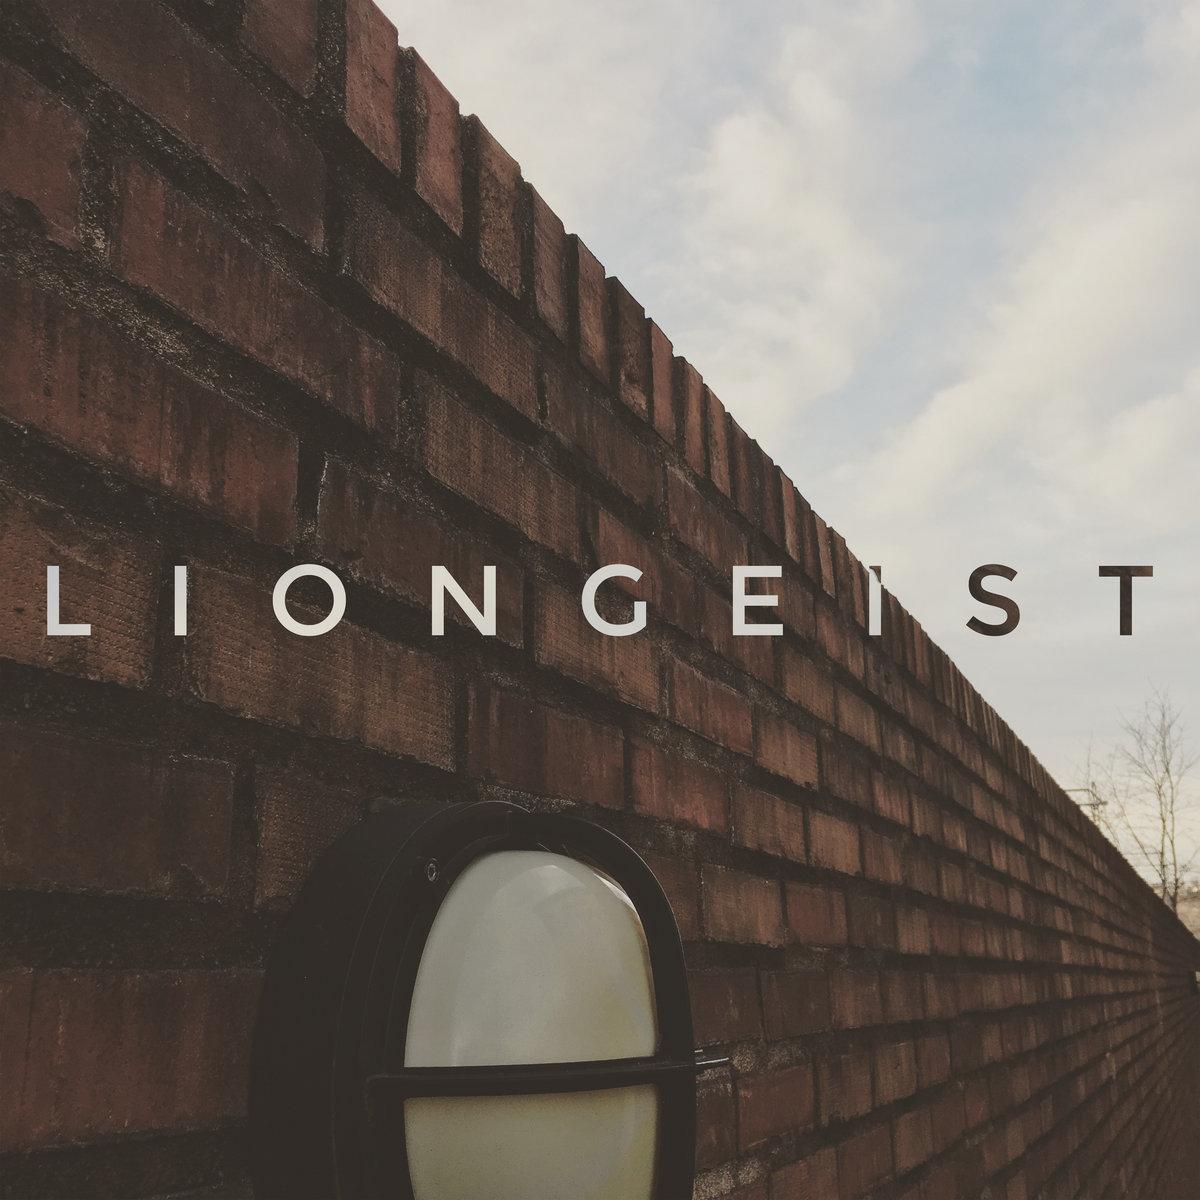 Liongeist - Departure [EP] (2017)